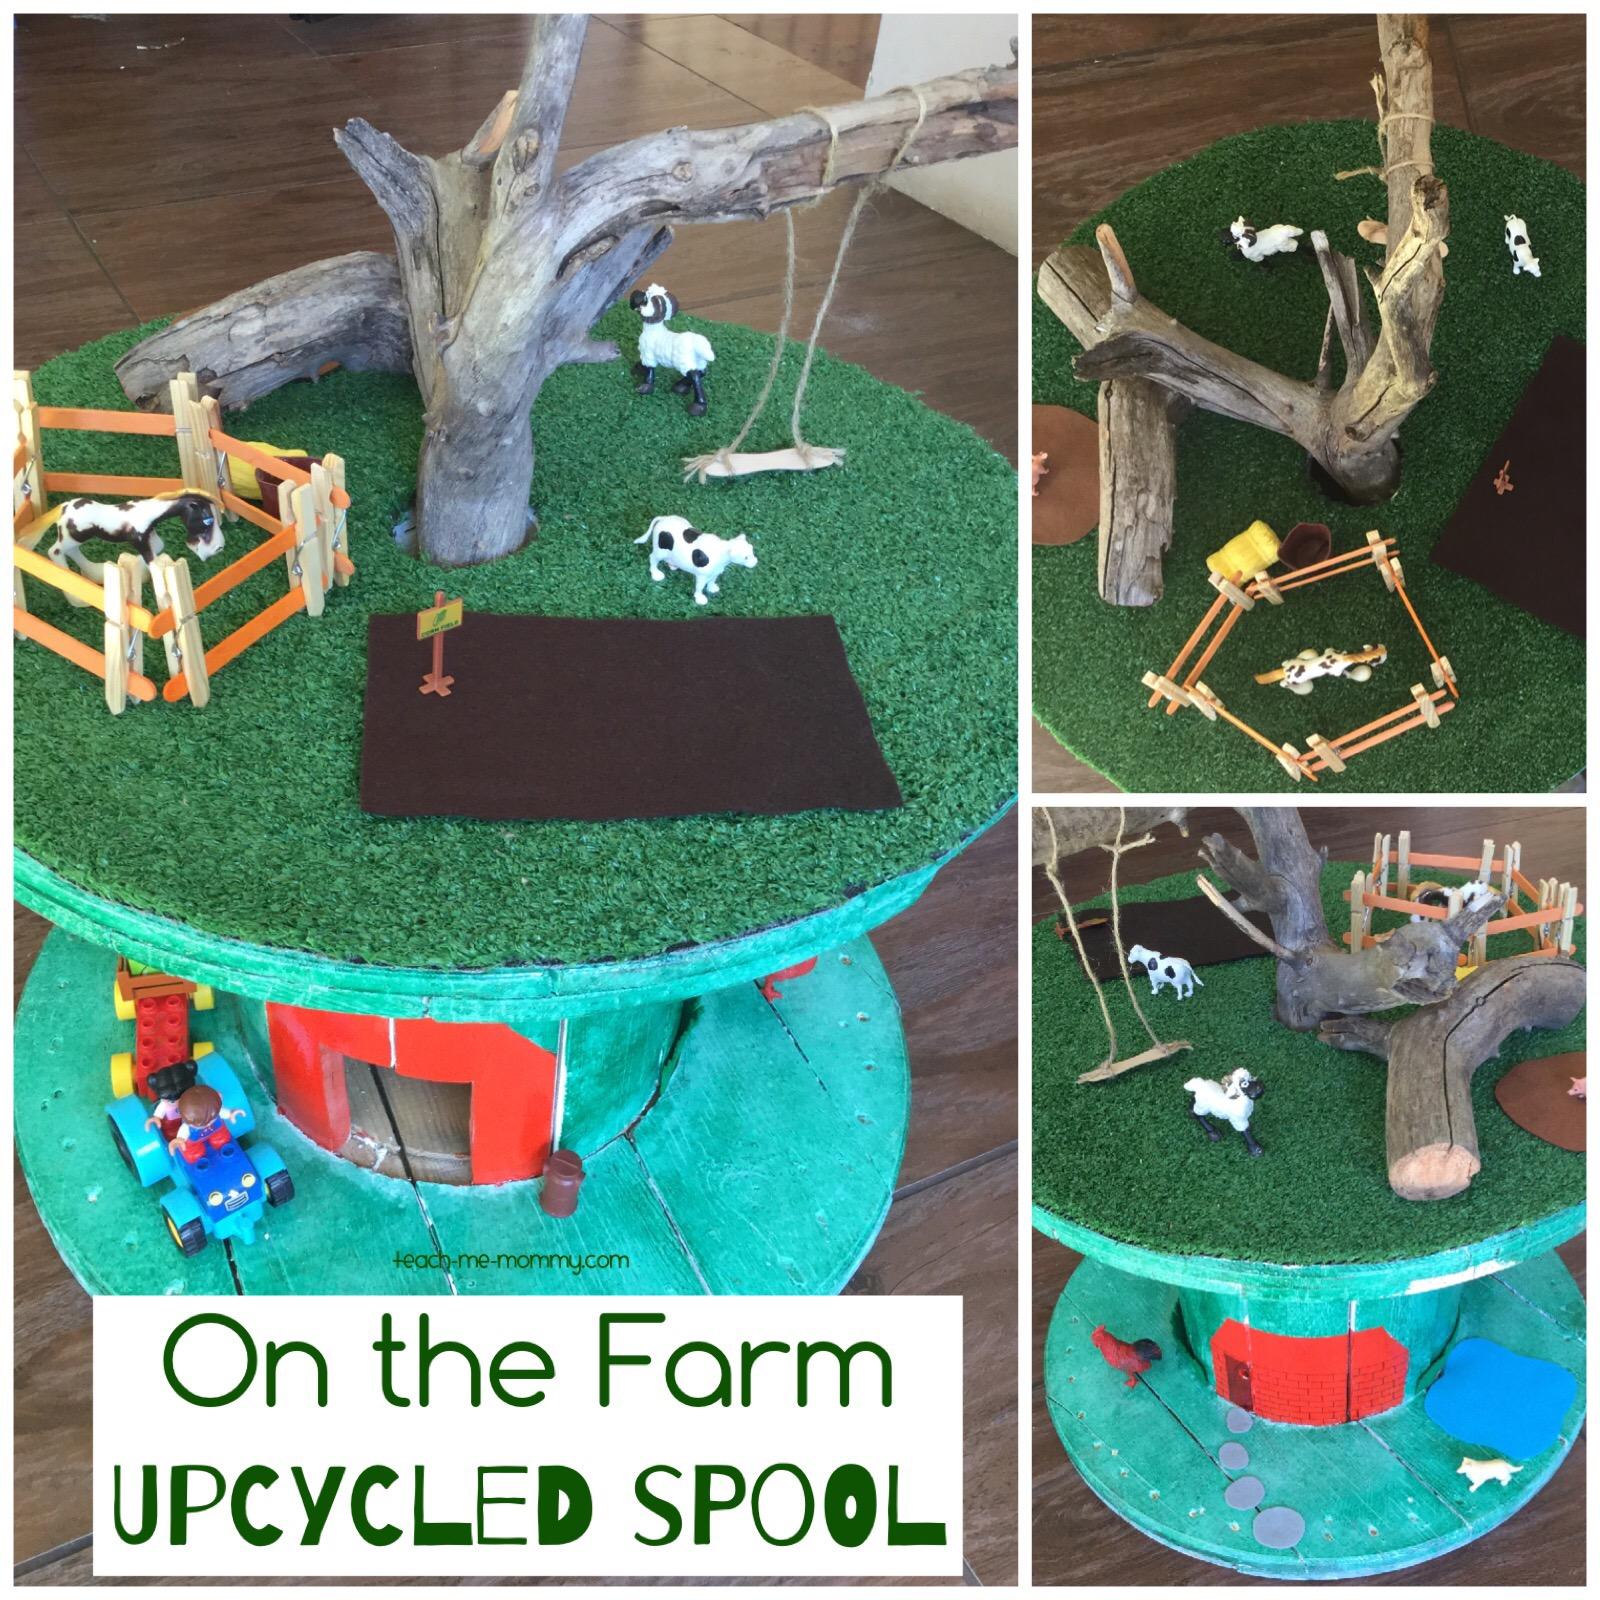 upcycled spool farm